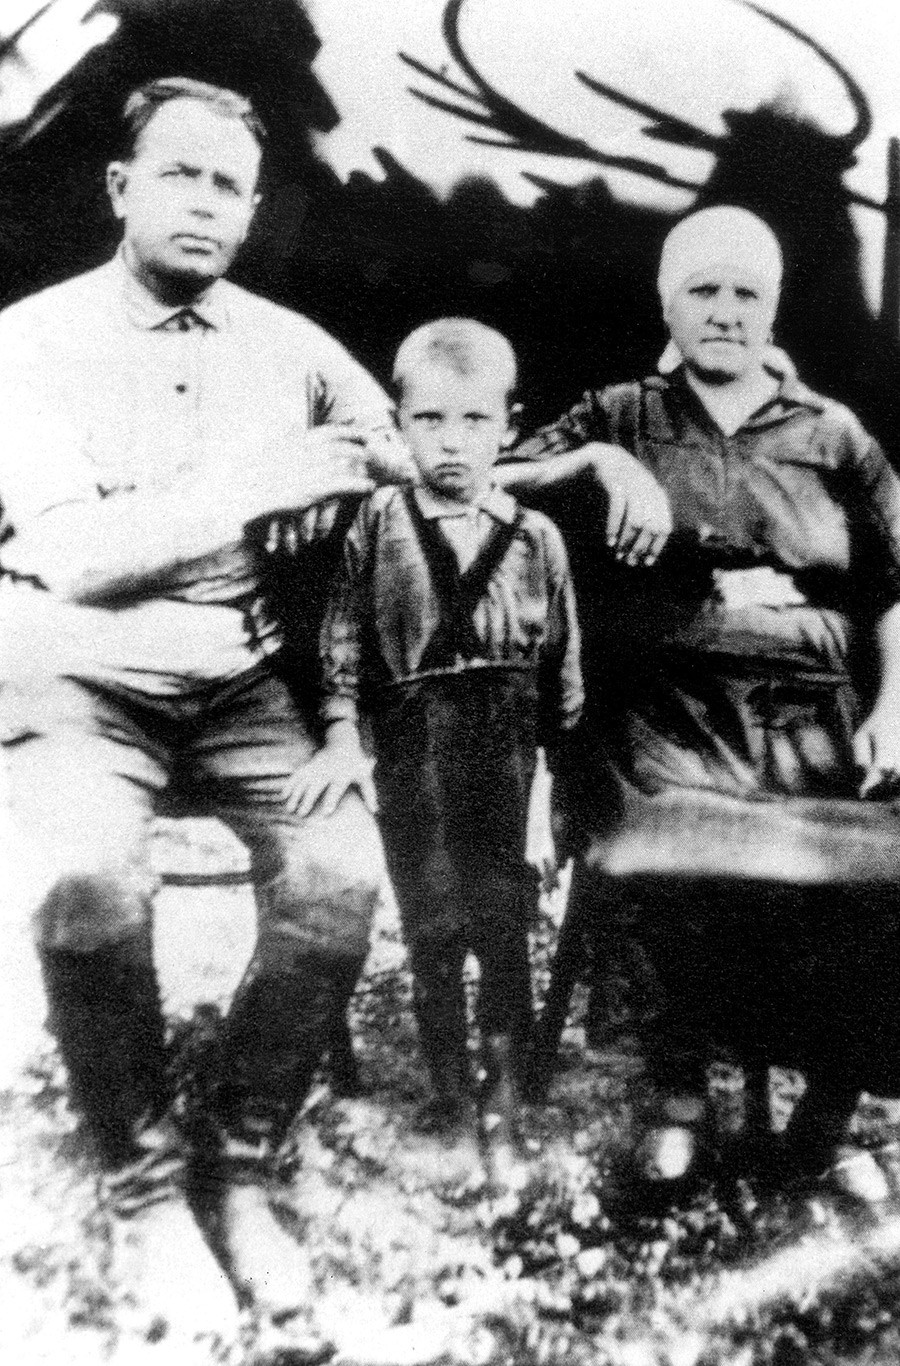 子供の頃のミハイル・ゴルバチョフ、1935年(4歳)